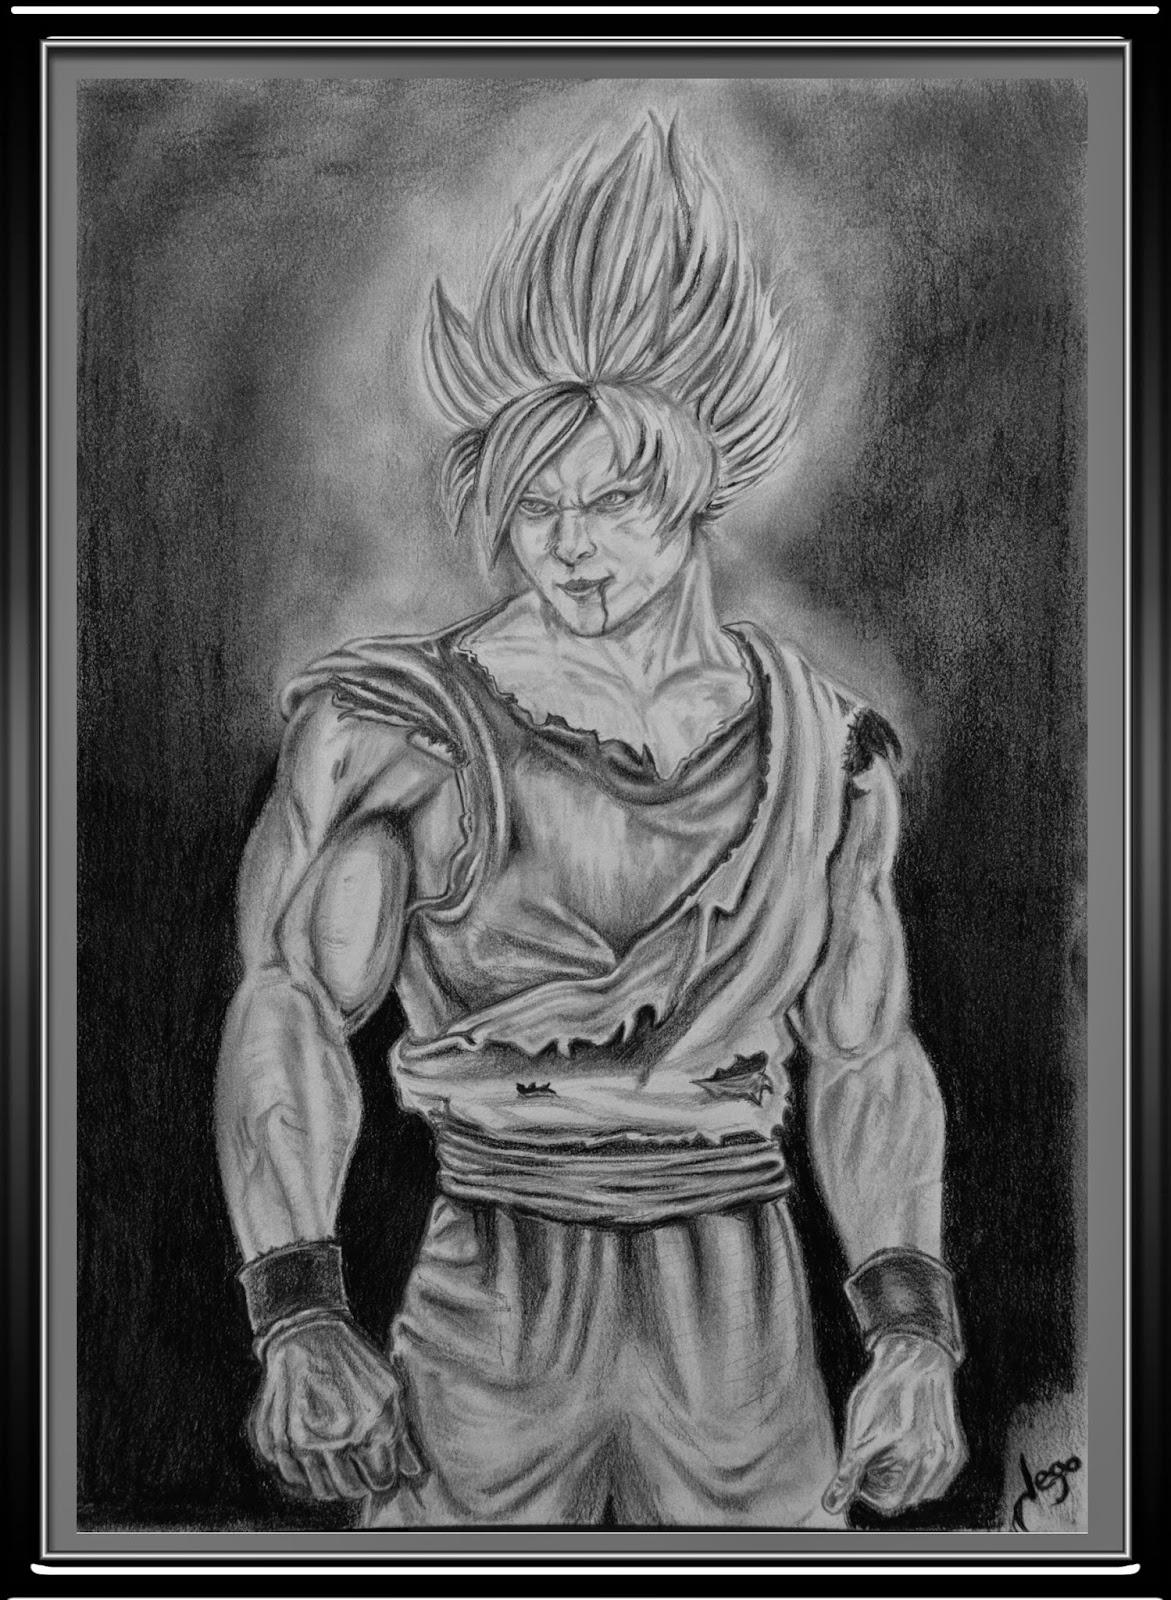 Retratos Realistas Y Dibujos Goku Dibujo A Lapiz Por Jego